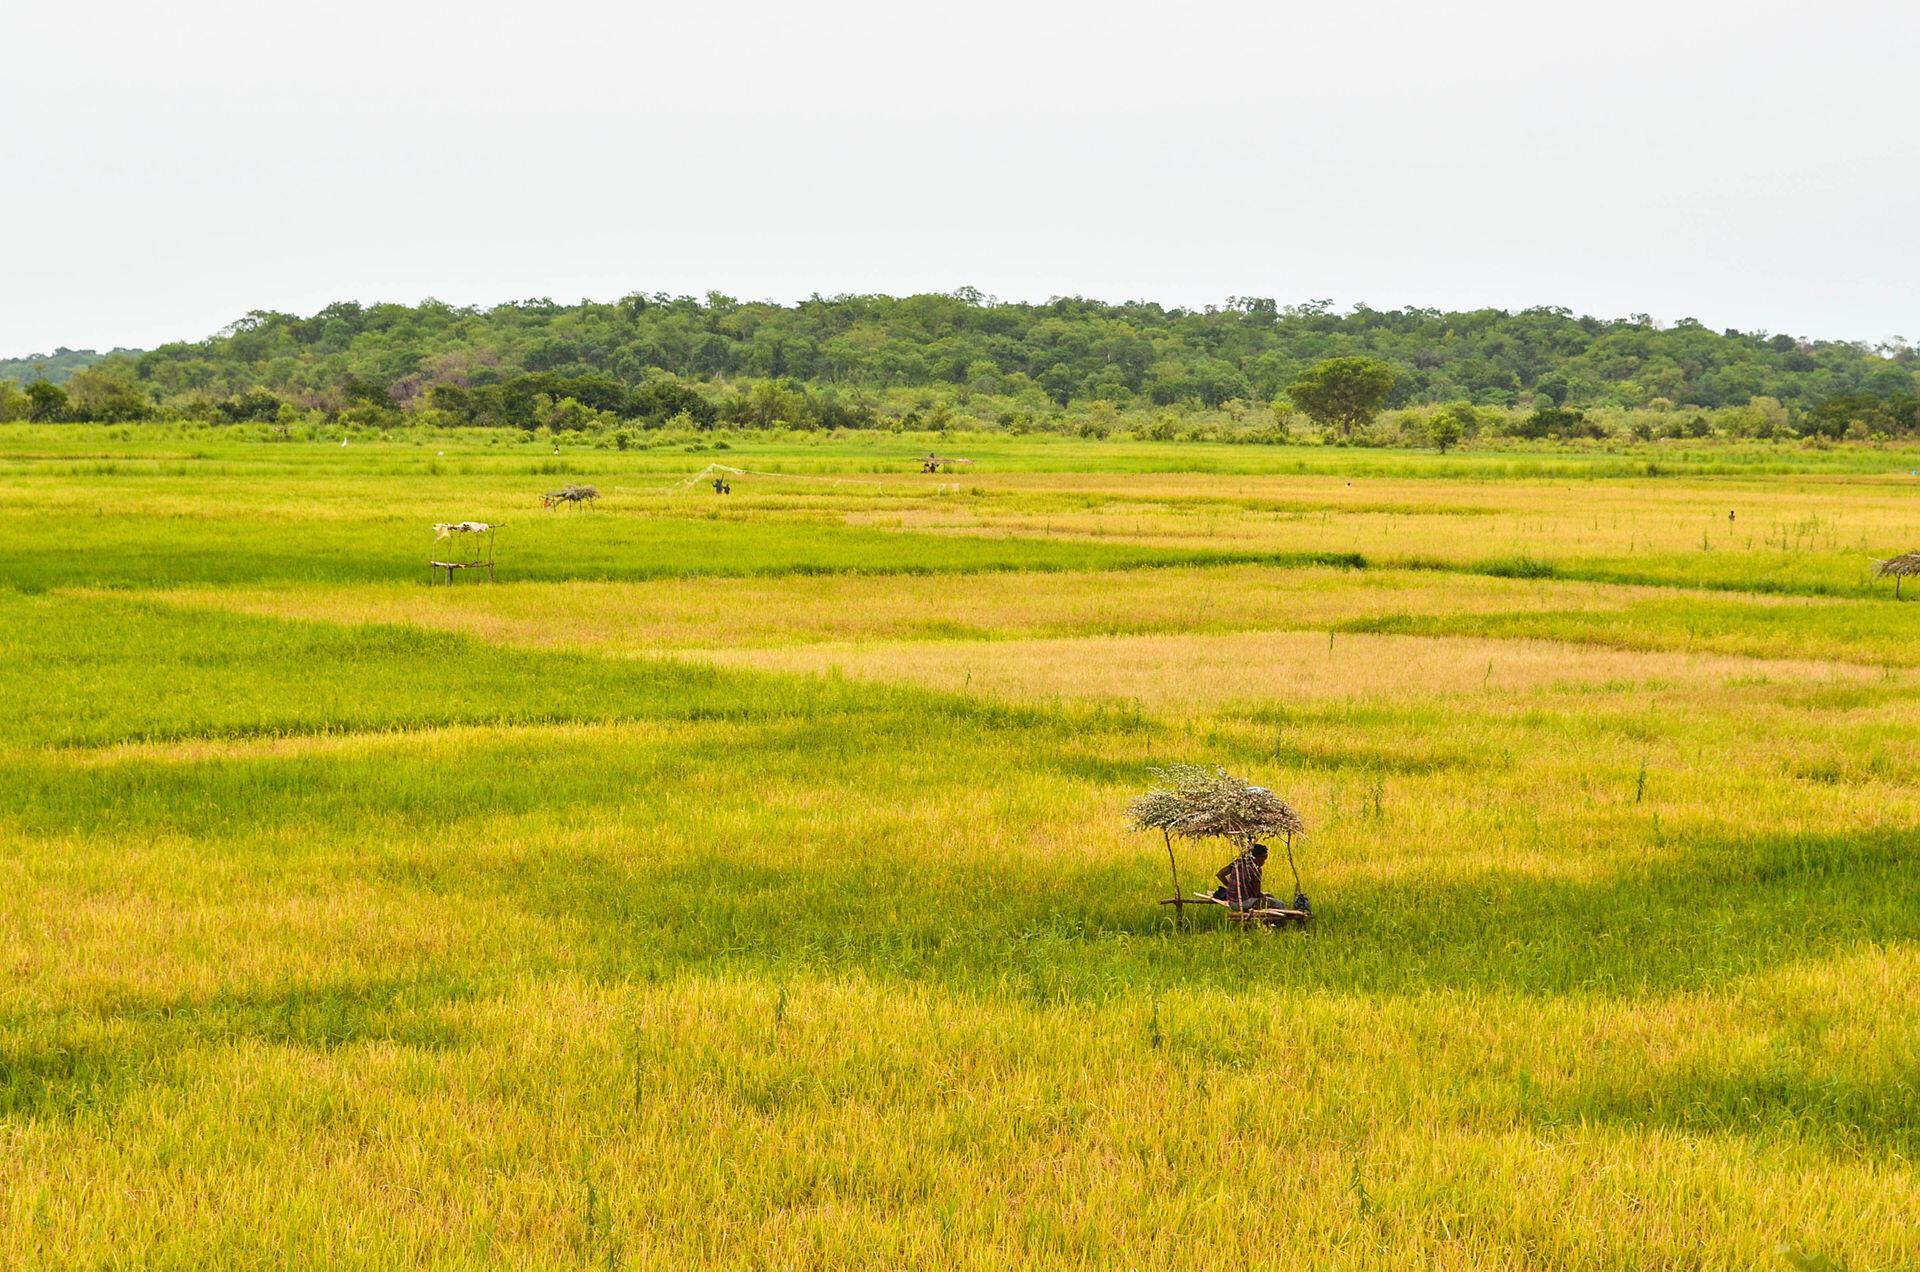 A field in rural Guinea-Bissau